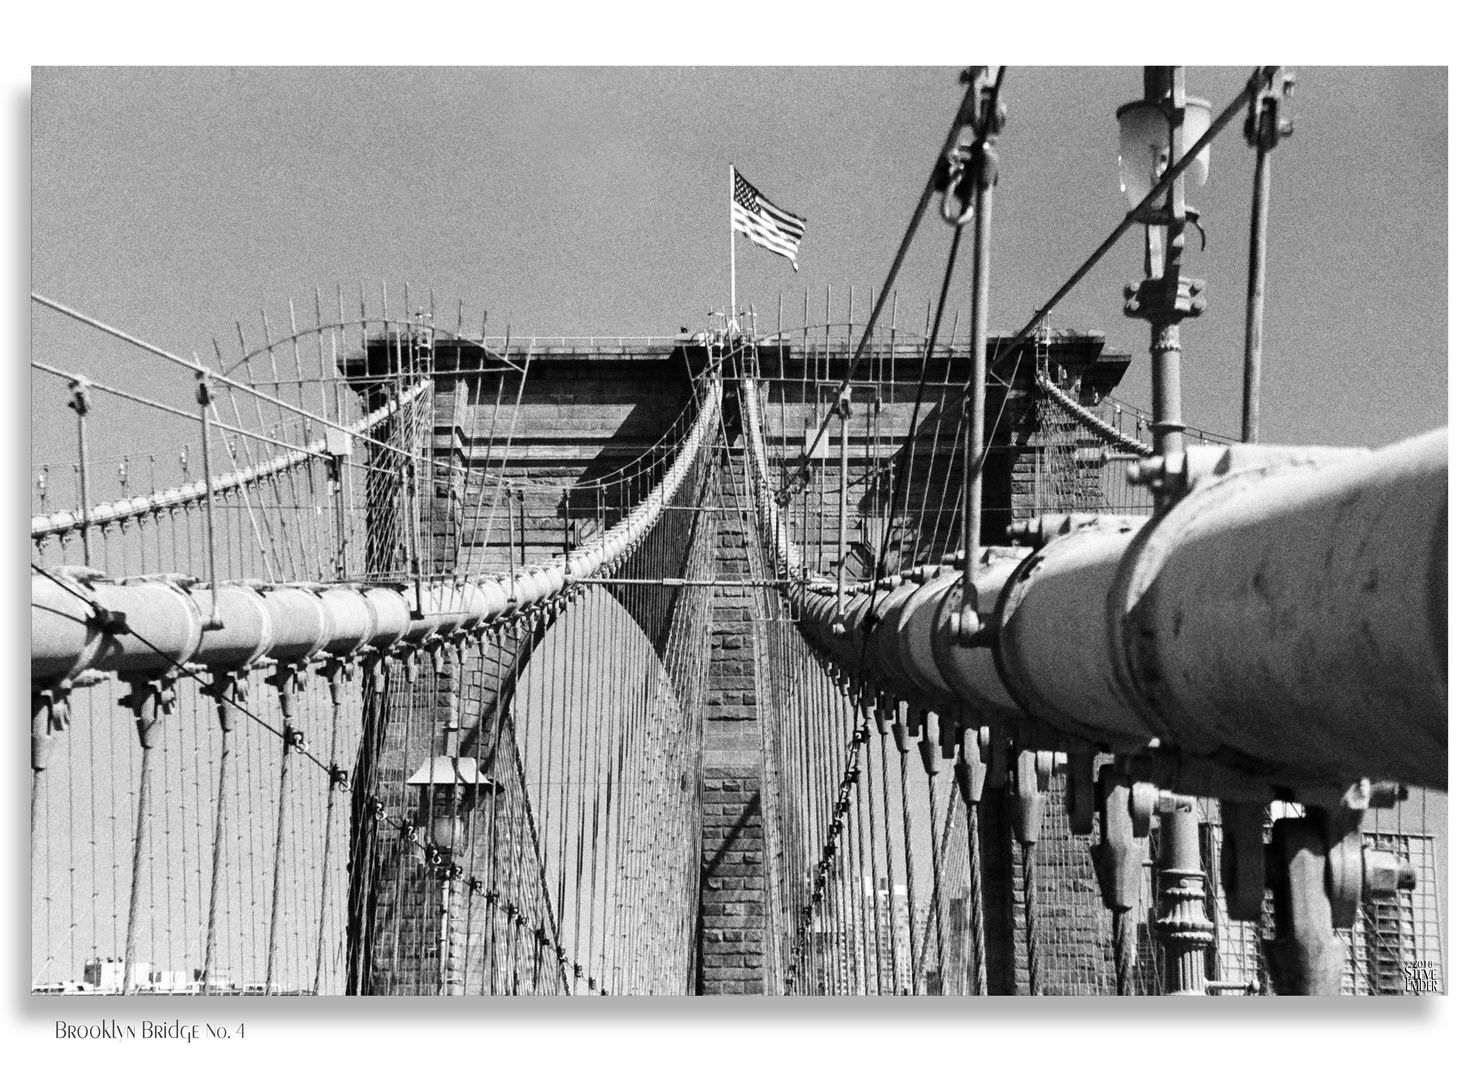 Brooklyn Bridge - No. 4